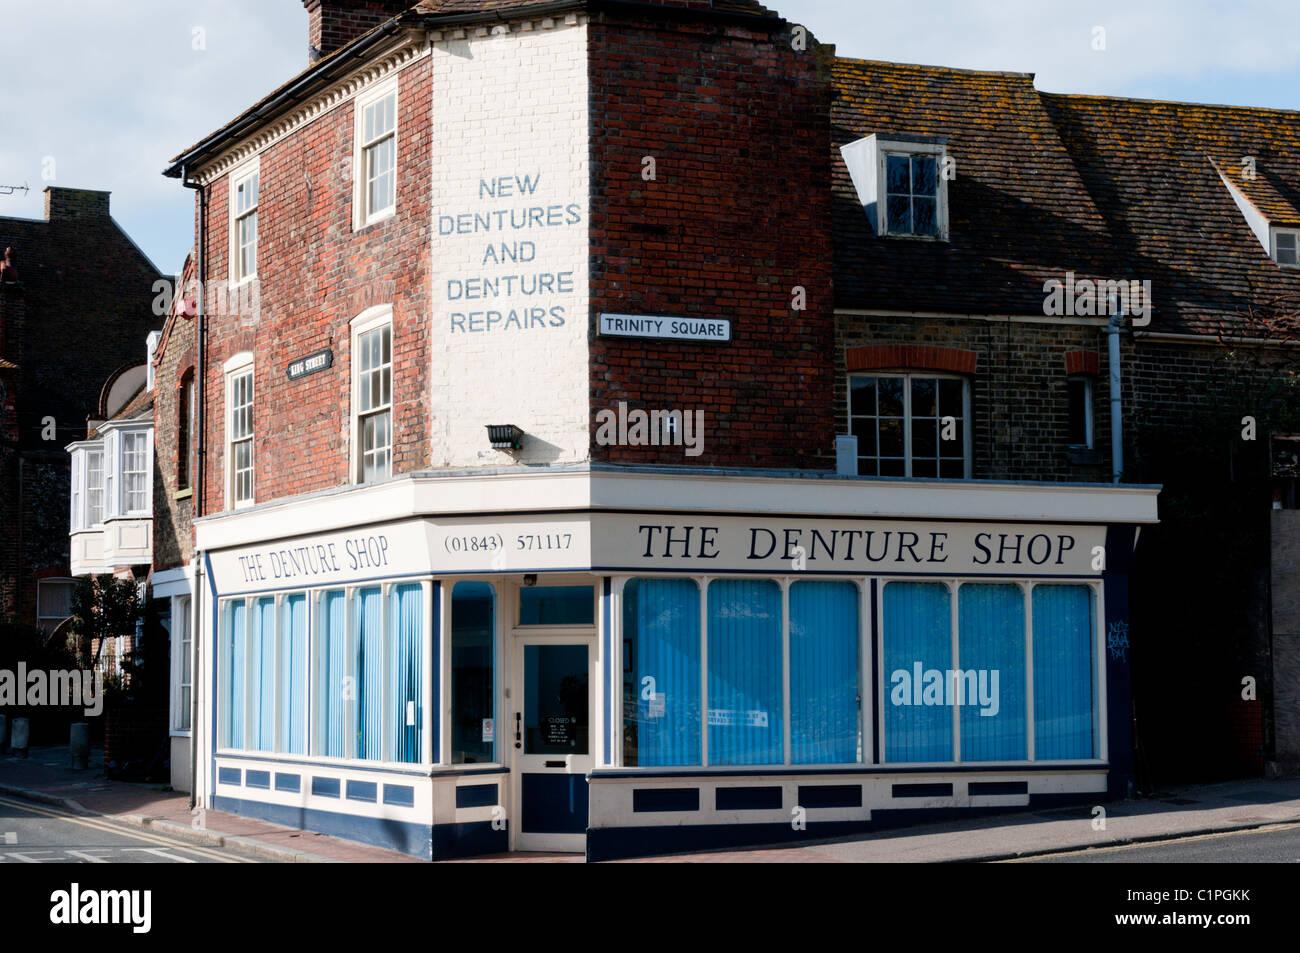 A denture repair shop in Margate, Kent - Stock Image